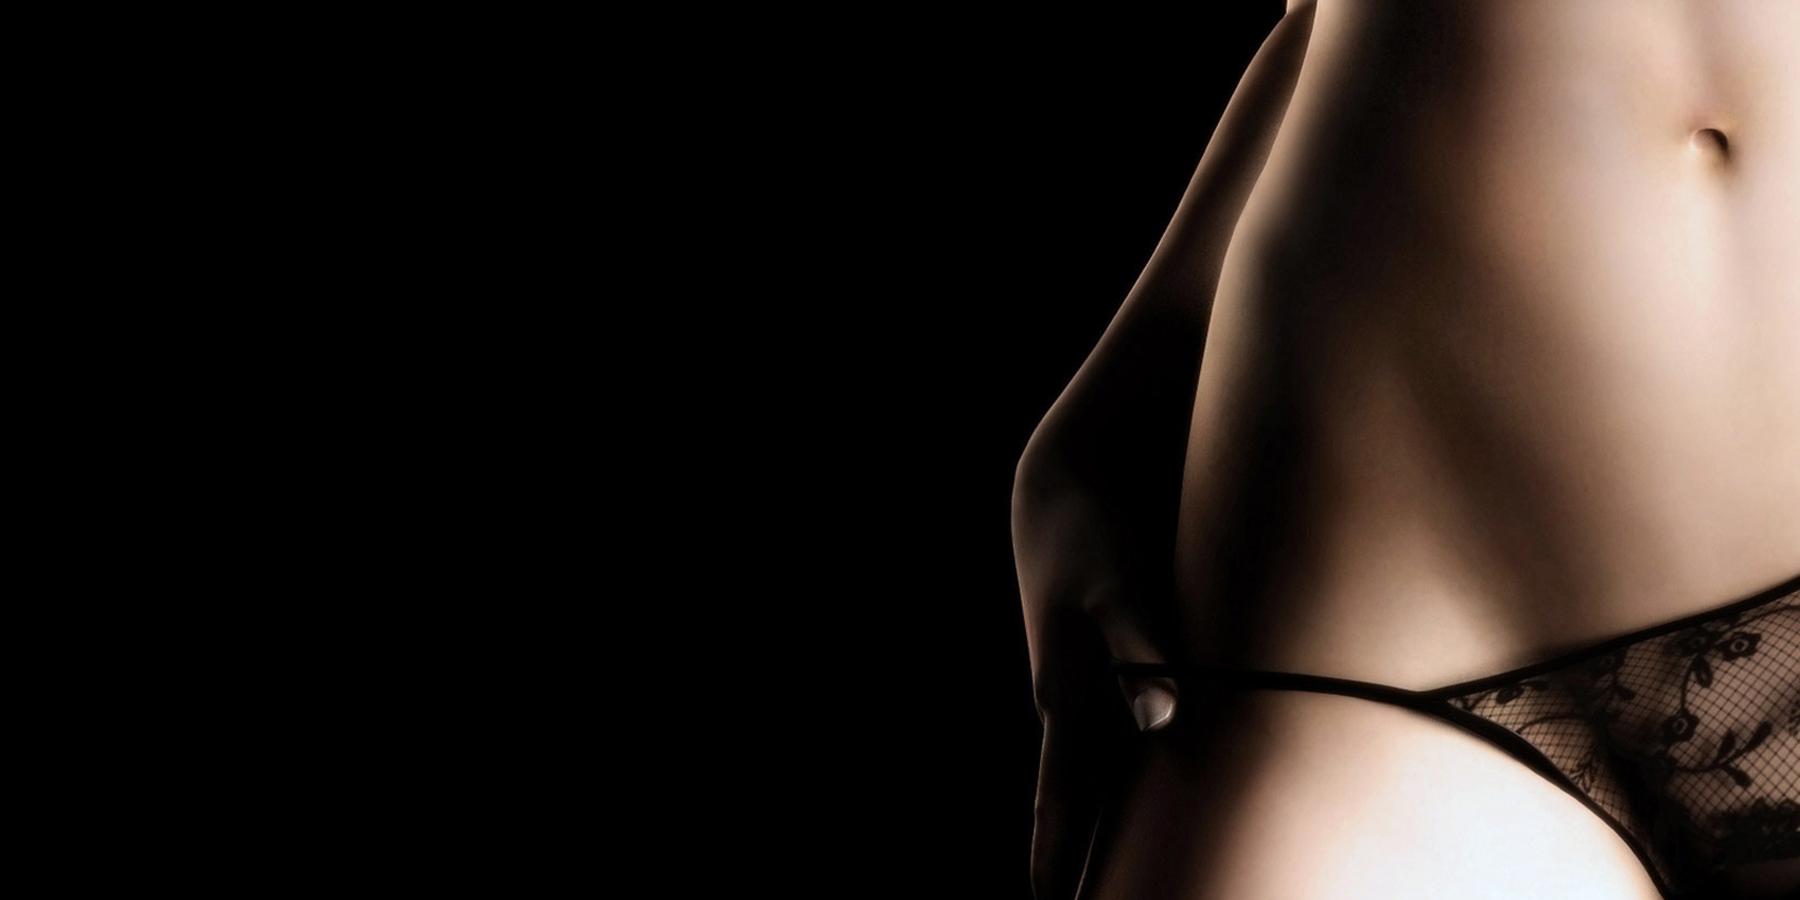 Глубокая эпиляция зоны бикини: все о процедуре